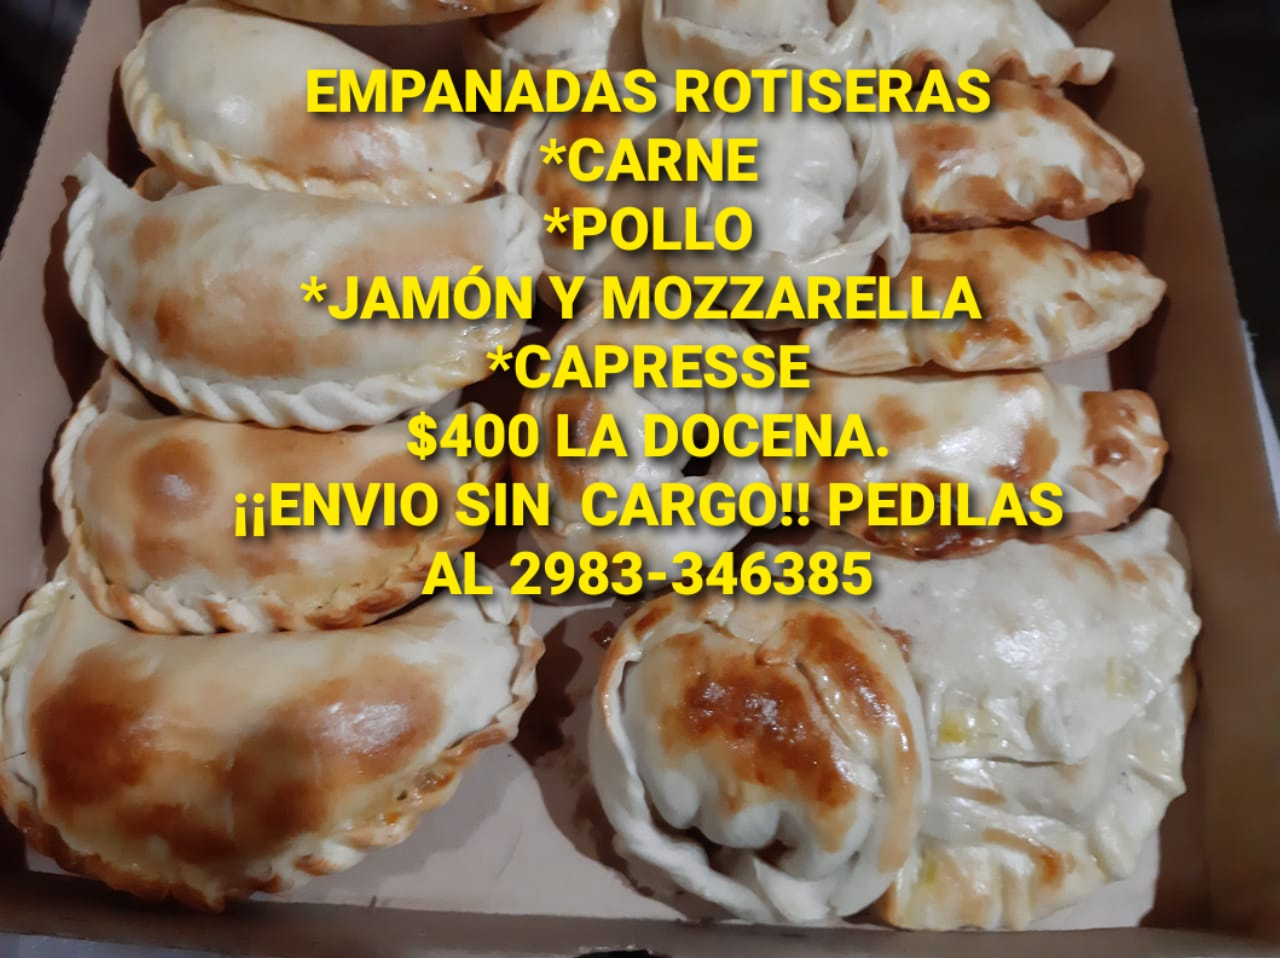 Empanadas rotiseras